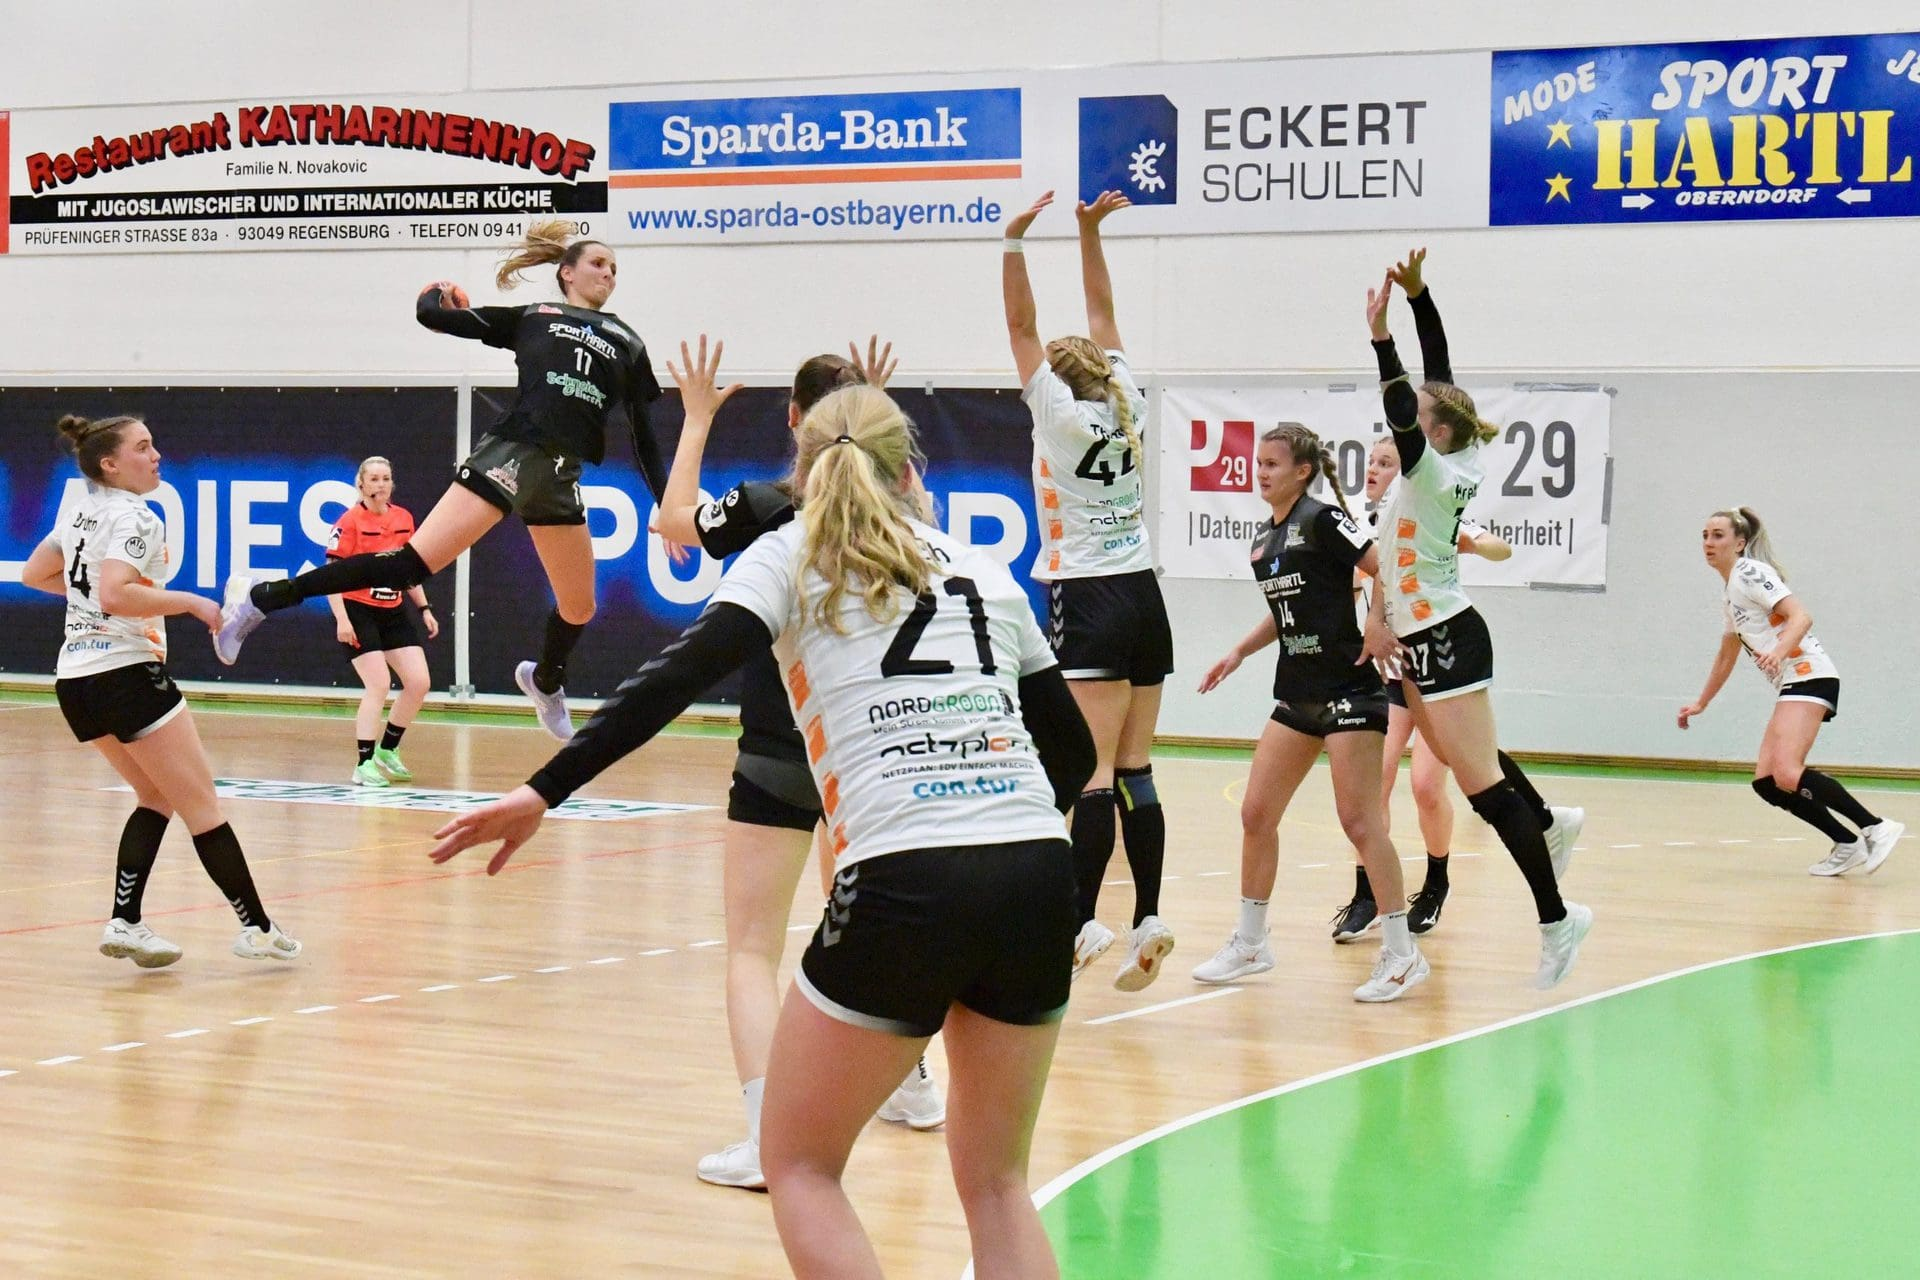 Bunker Ladies vor ihrem letzten schwierigen Schritt Handball-Damen des ESV 1927 Regensburg können sich gegen Allensbach das Zweitliga-Ticket holen